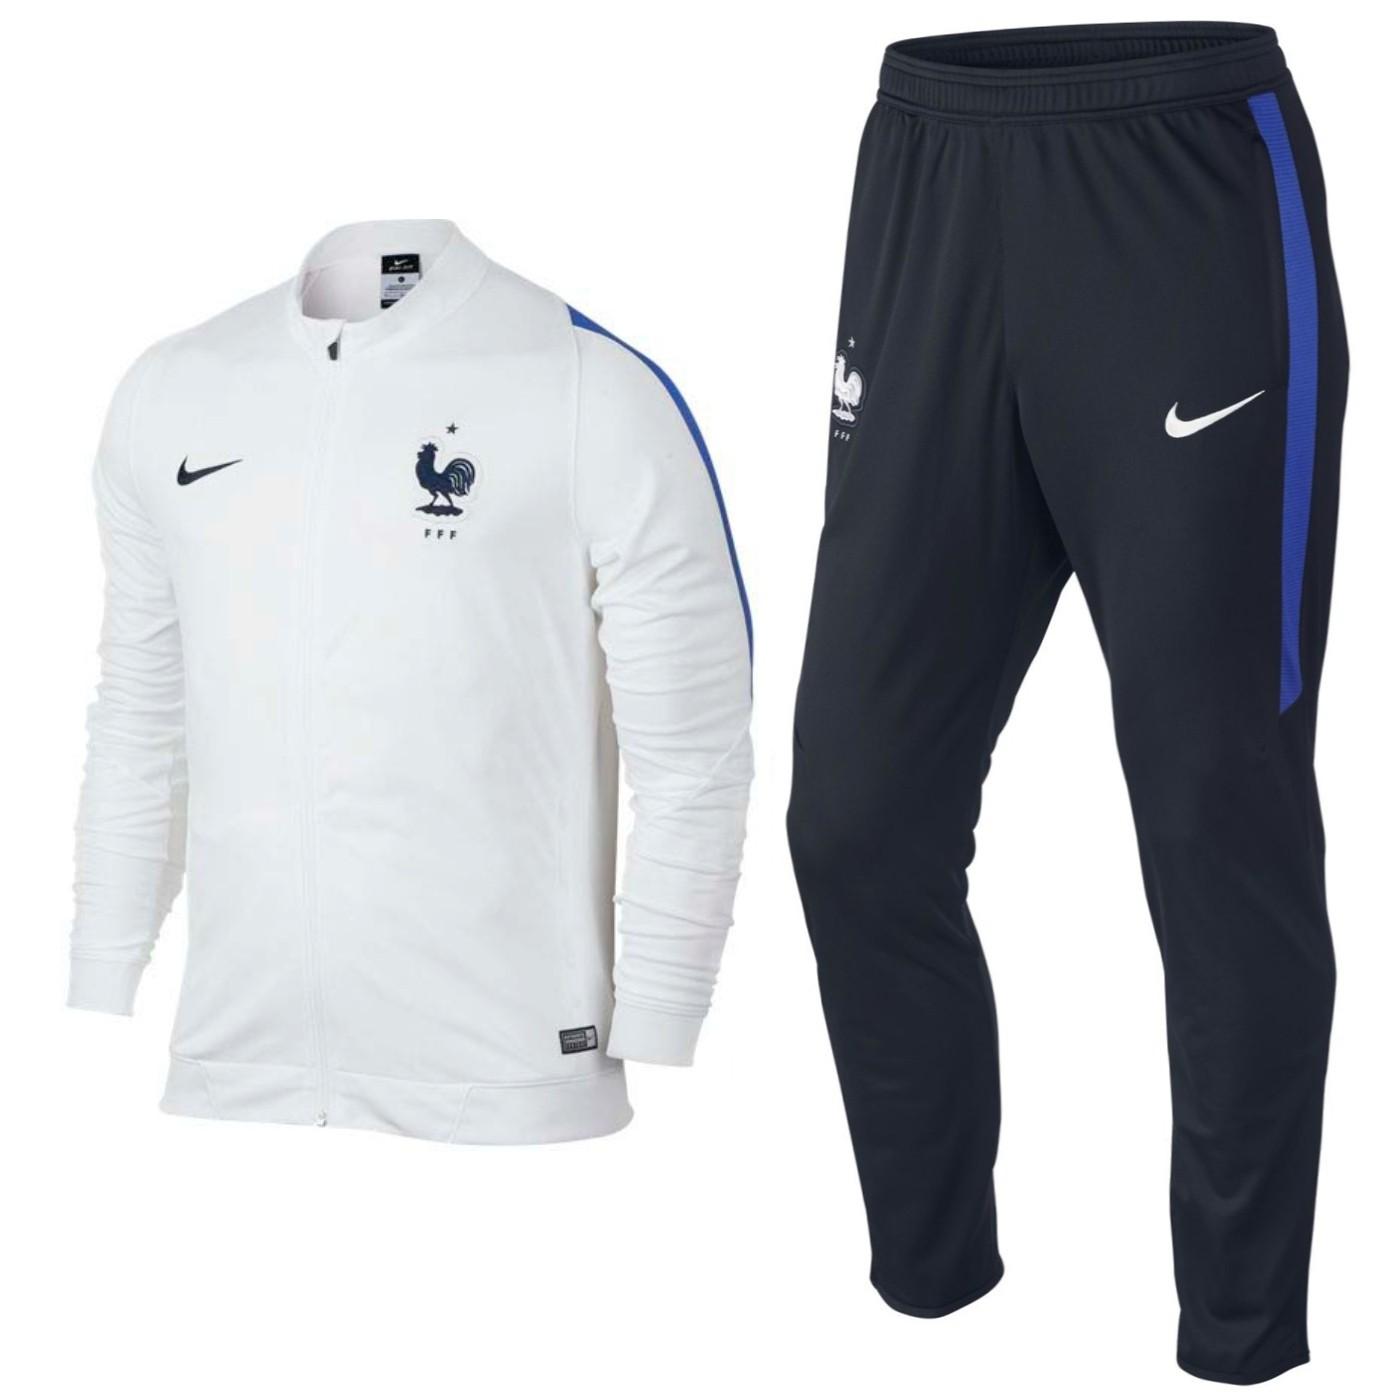 Frankreich Fussball team Trainingsanzug 201617 weiss Nike